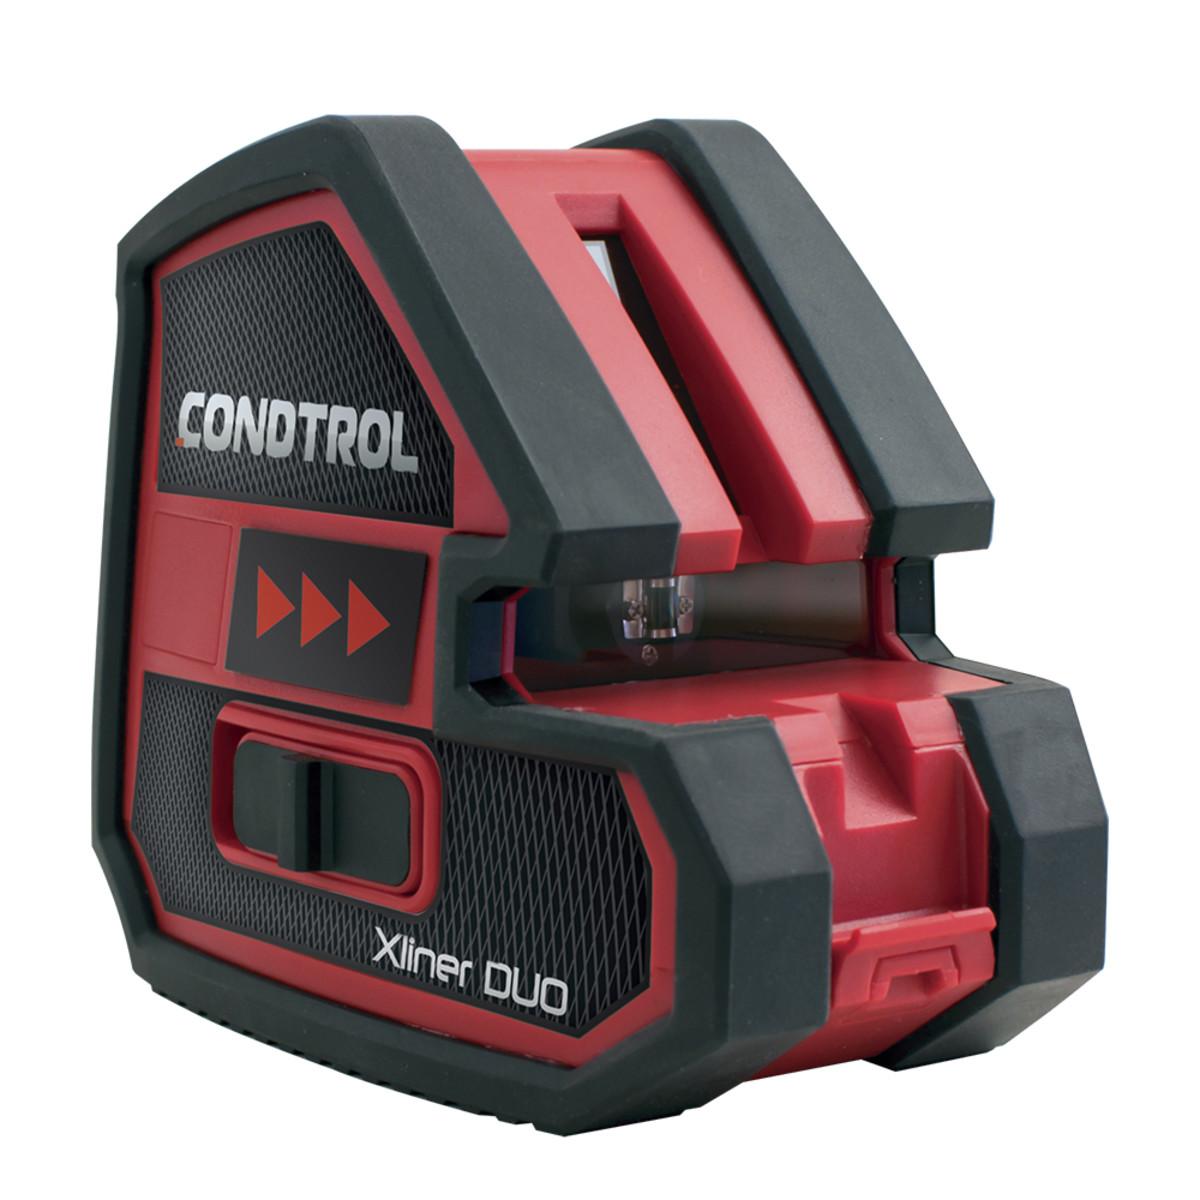 Лазерный нивелир Condtrol Xliner Duo 1-2-049